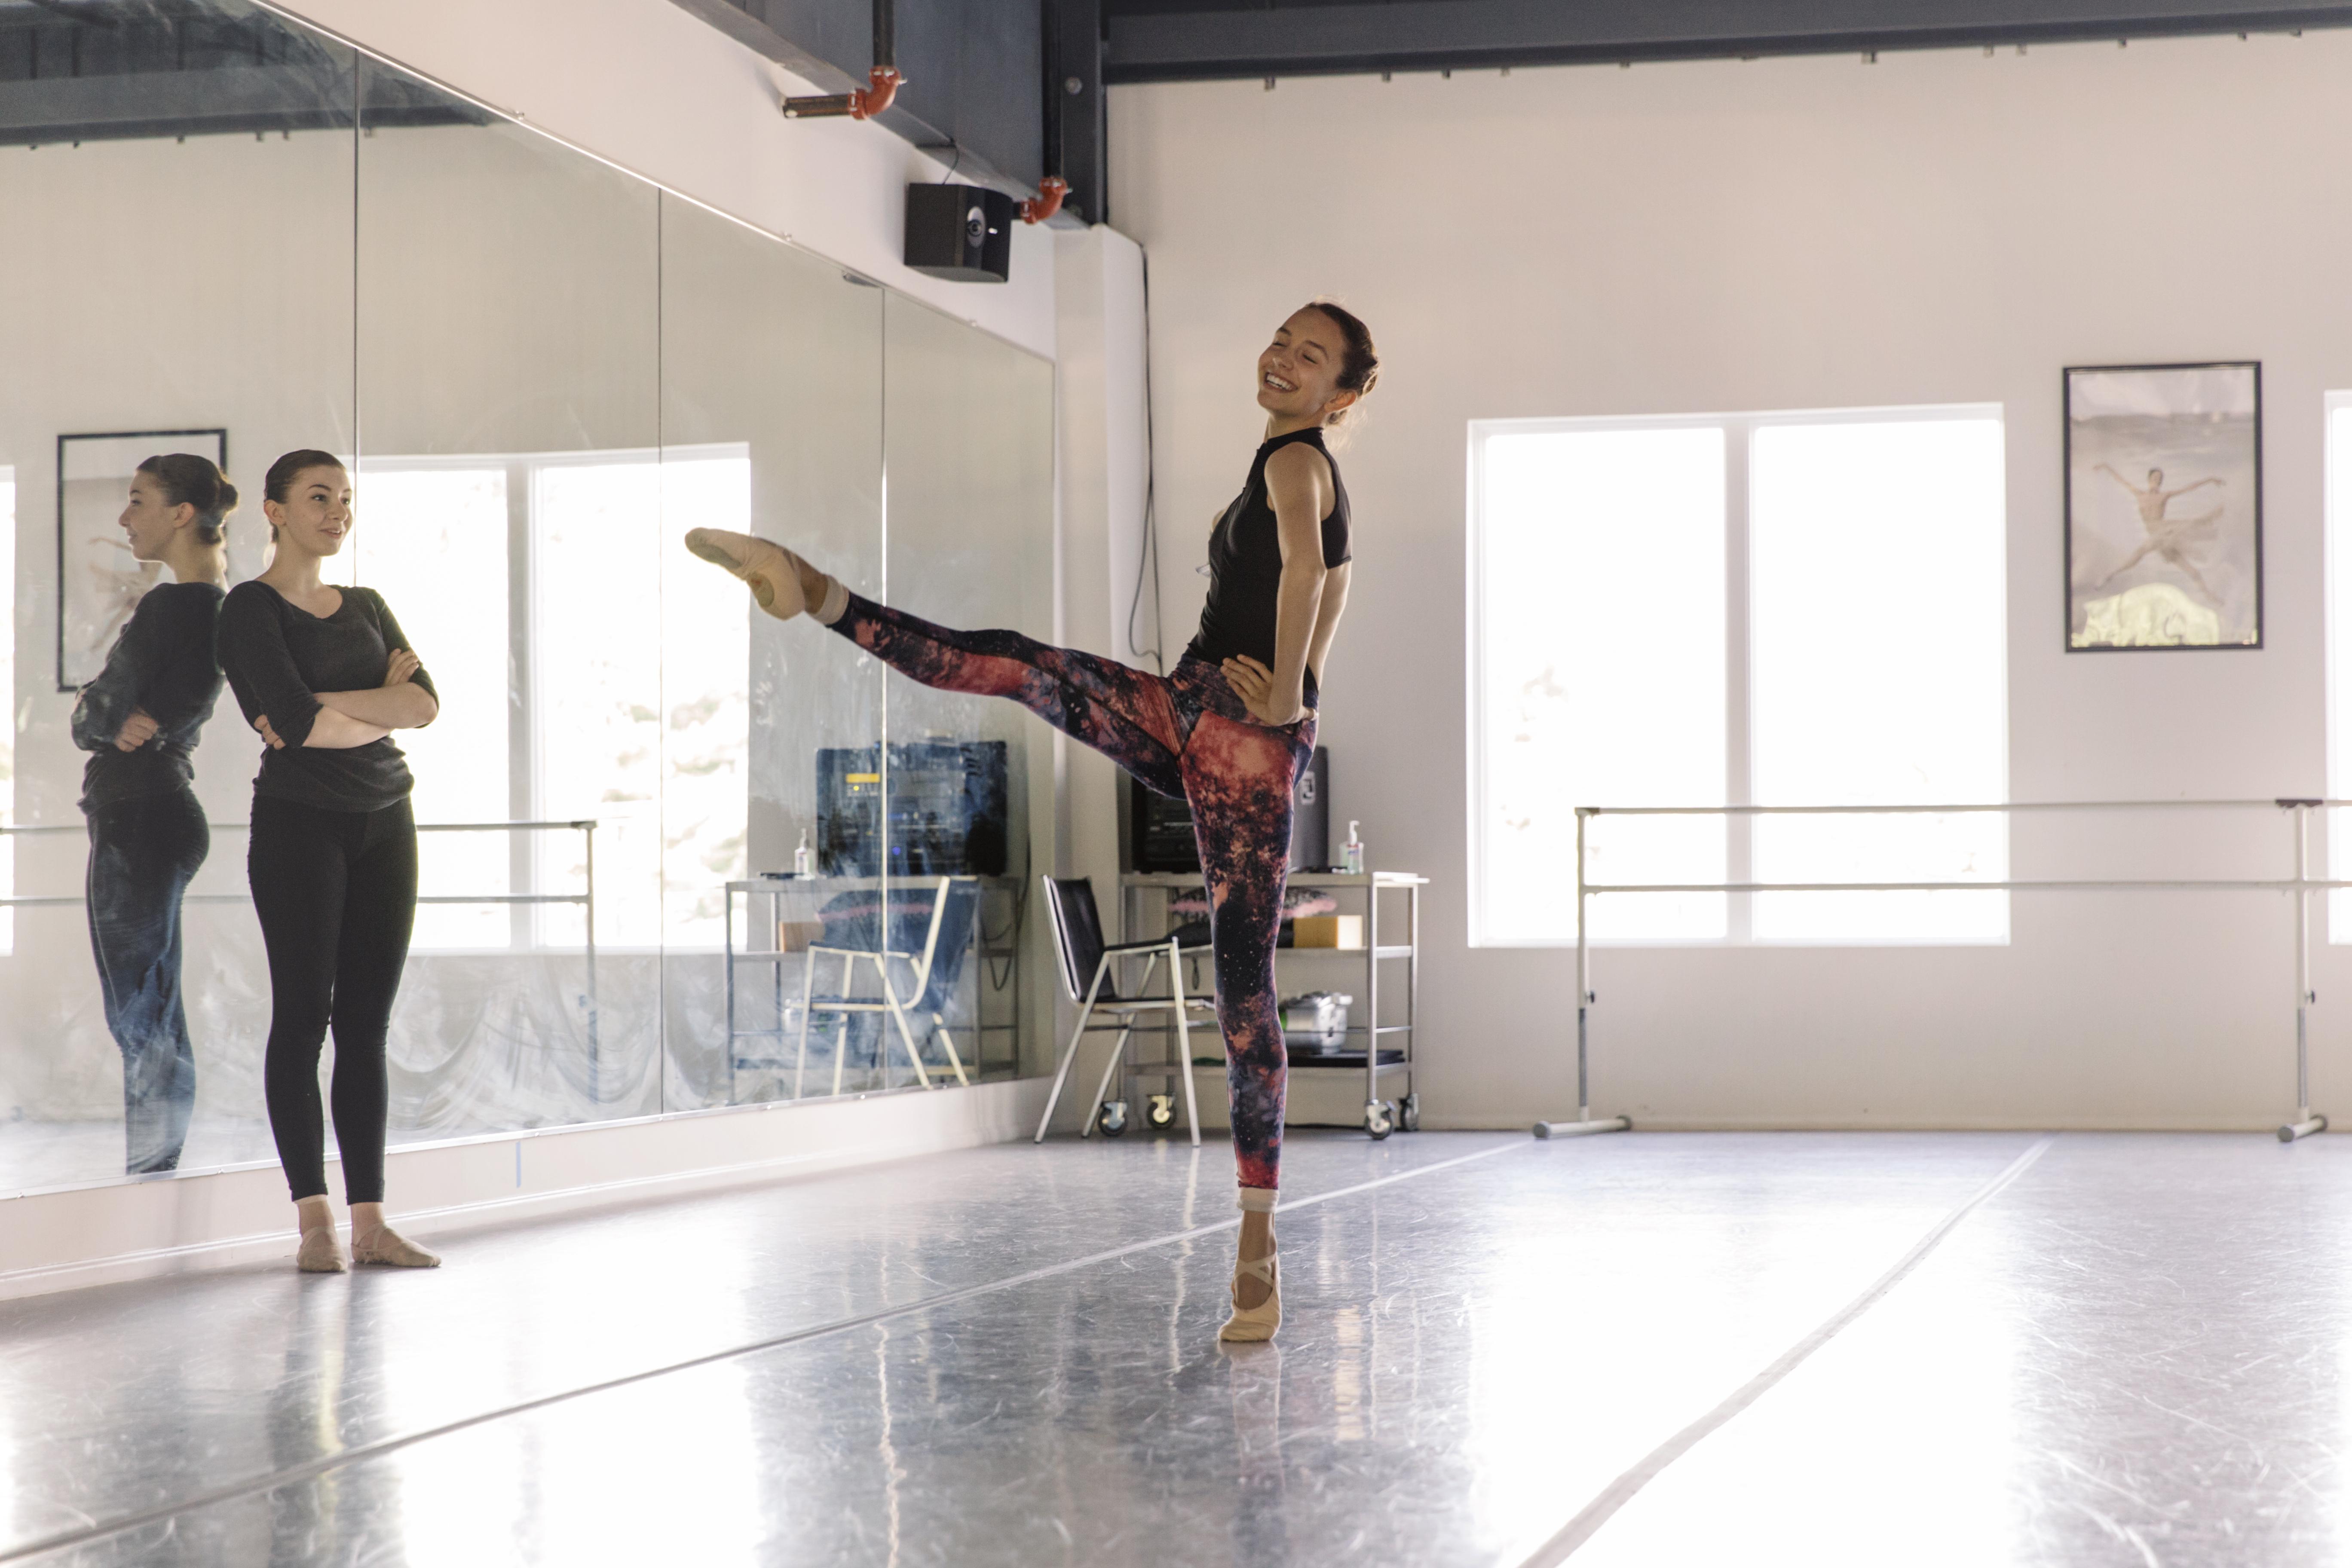 Joyful ballerina